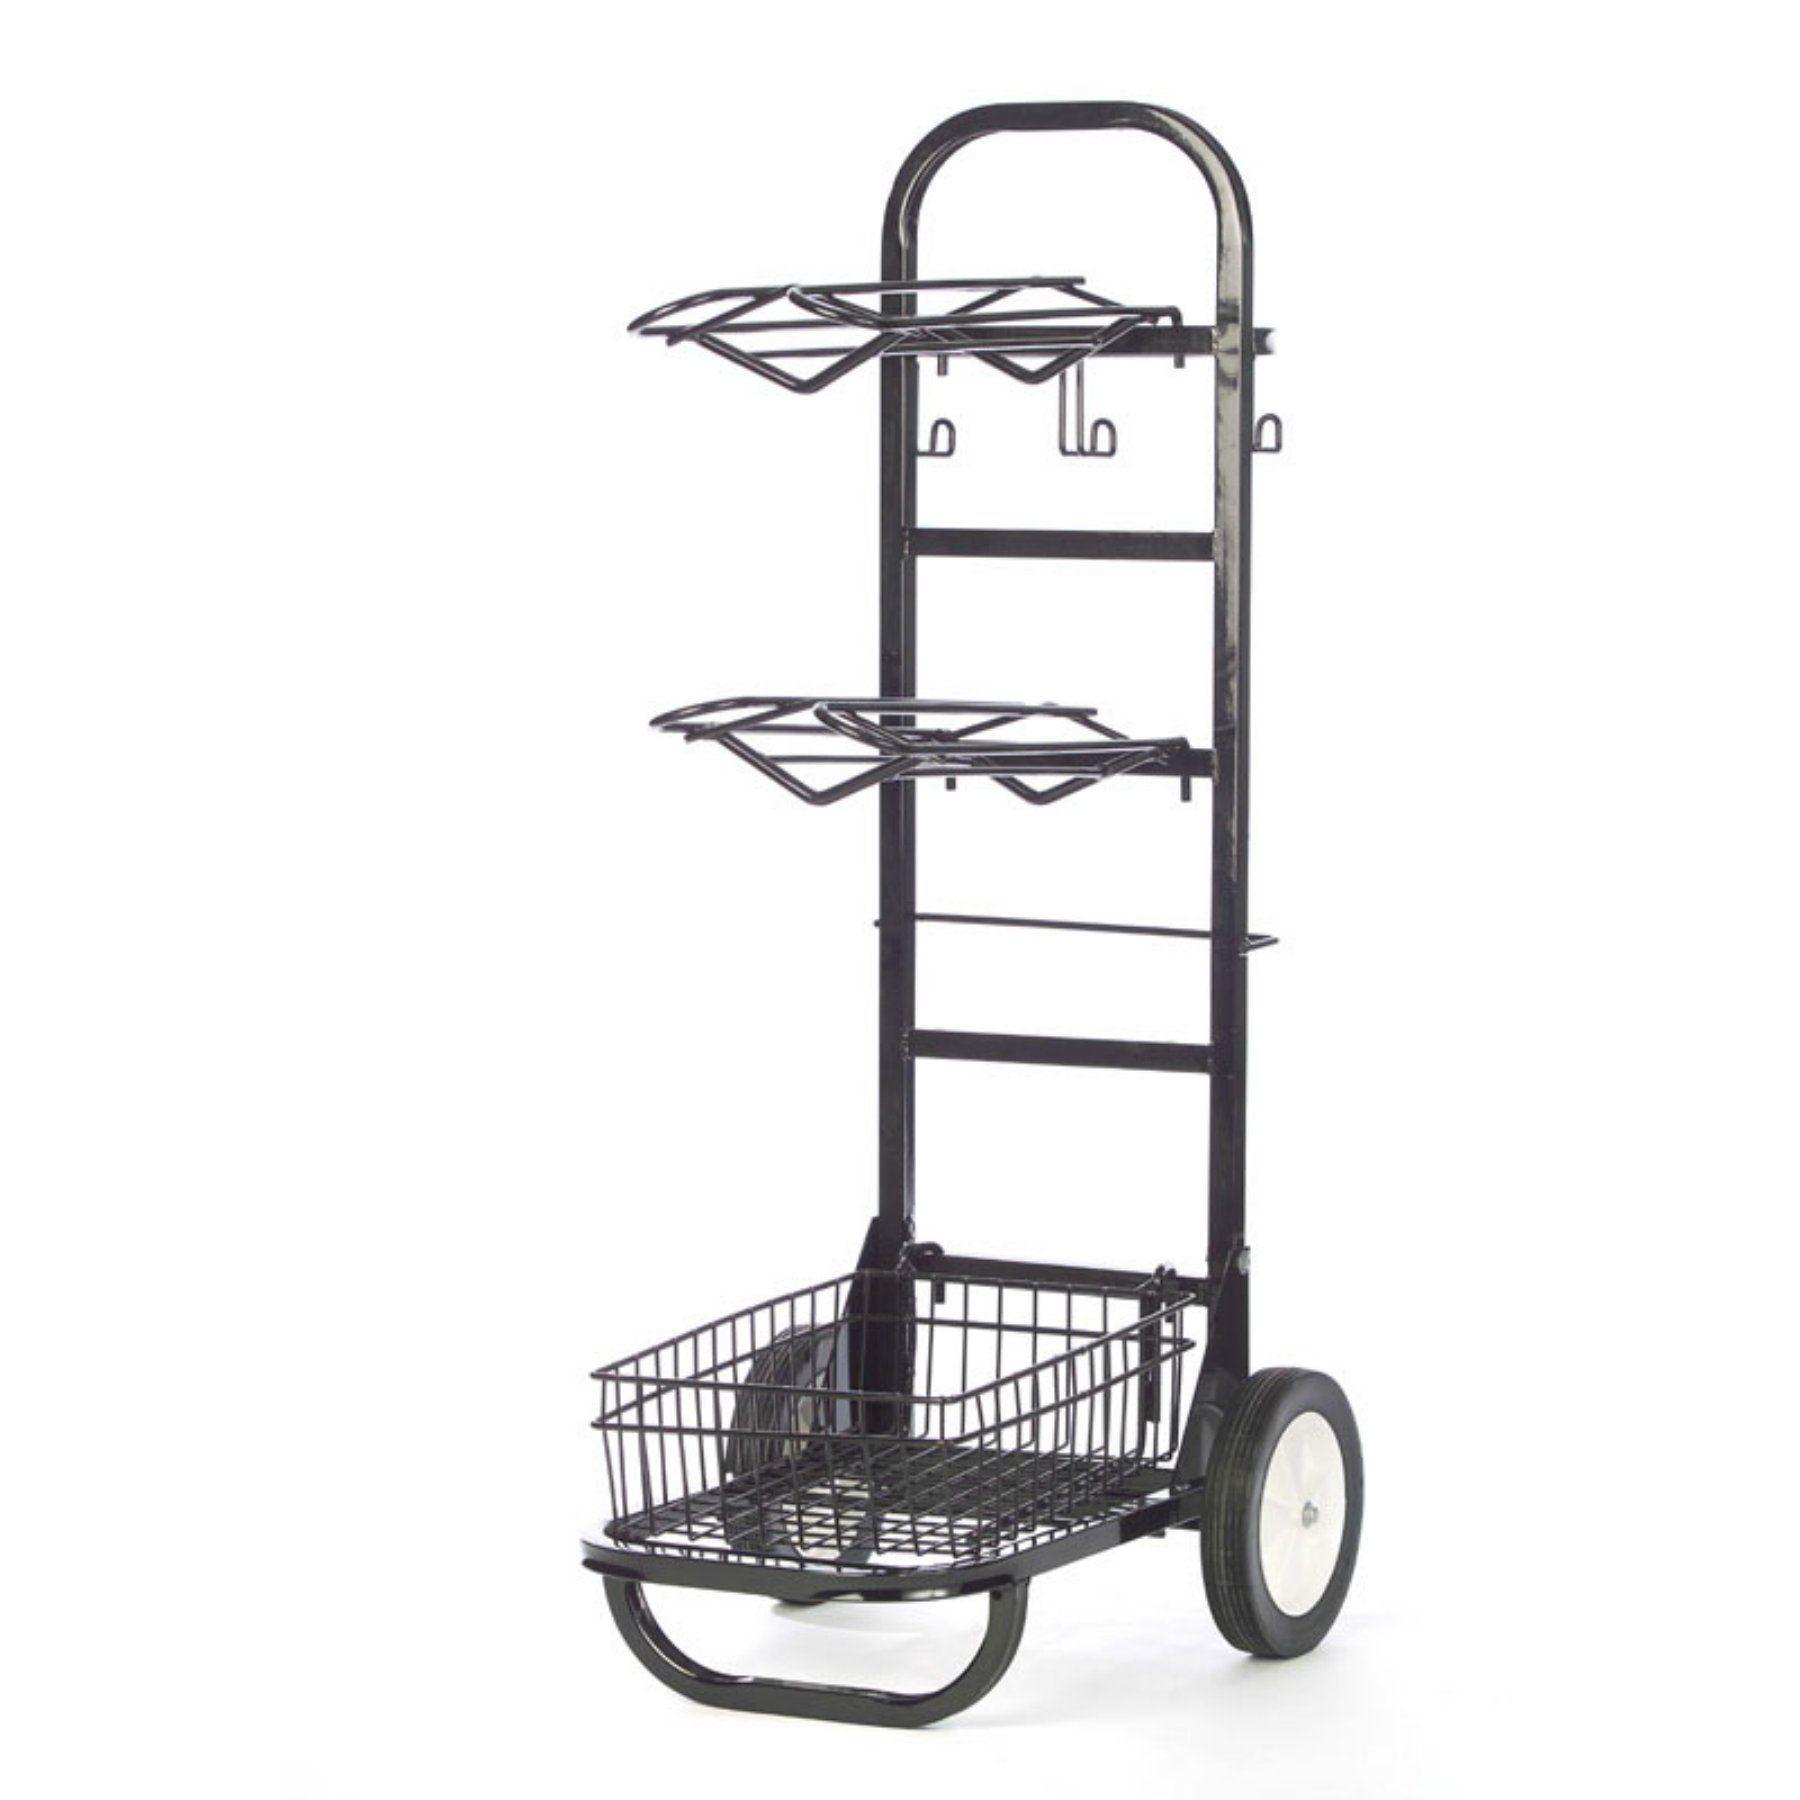 Horsemens Pride Rolling Cart 9rc Saddle Rack Cart